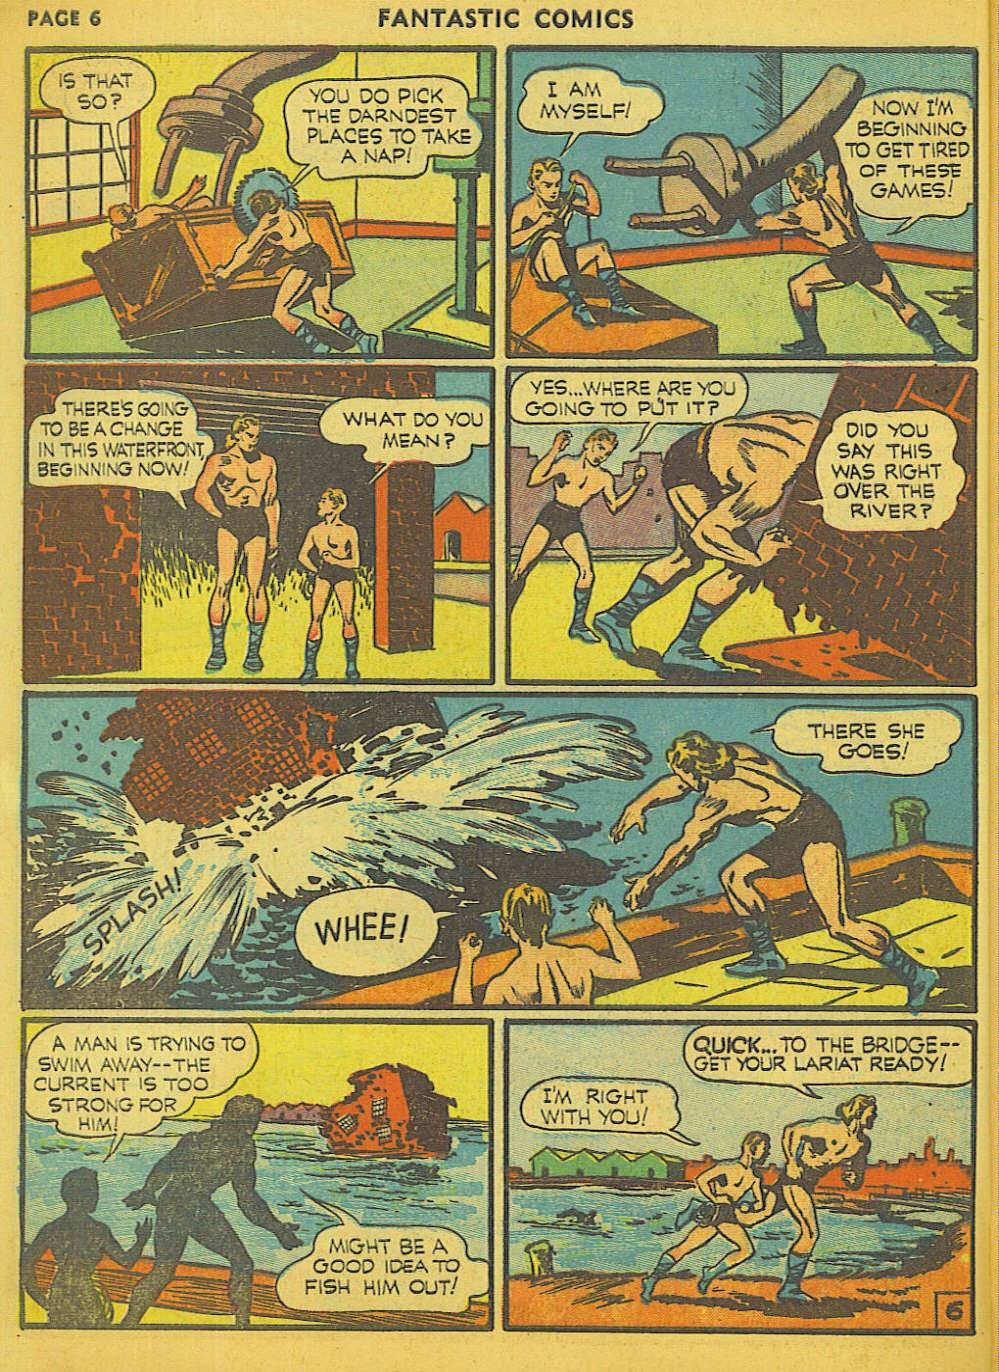 Read online Fantastic Comics comic -  Issue #15 - 55